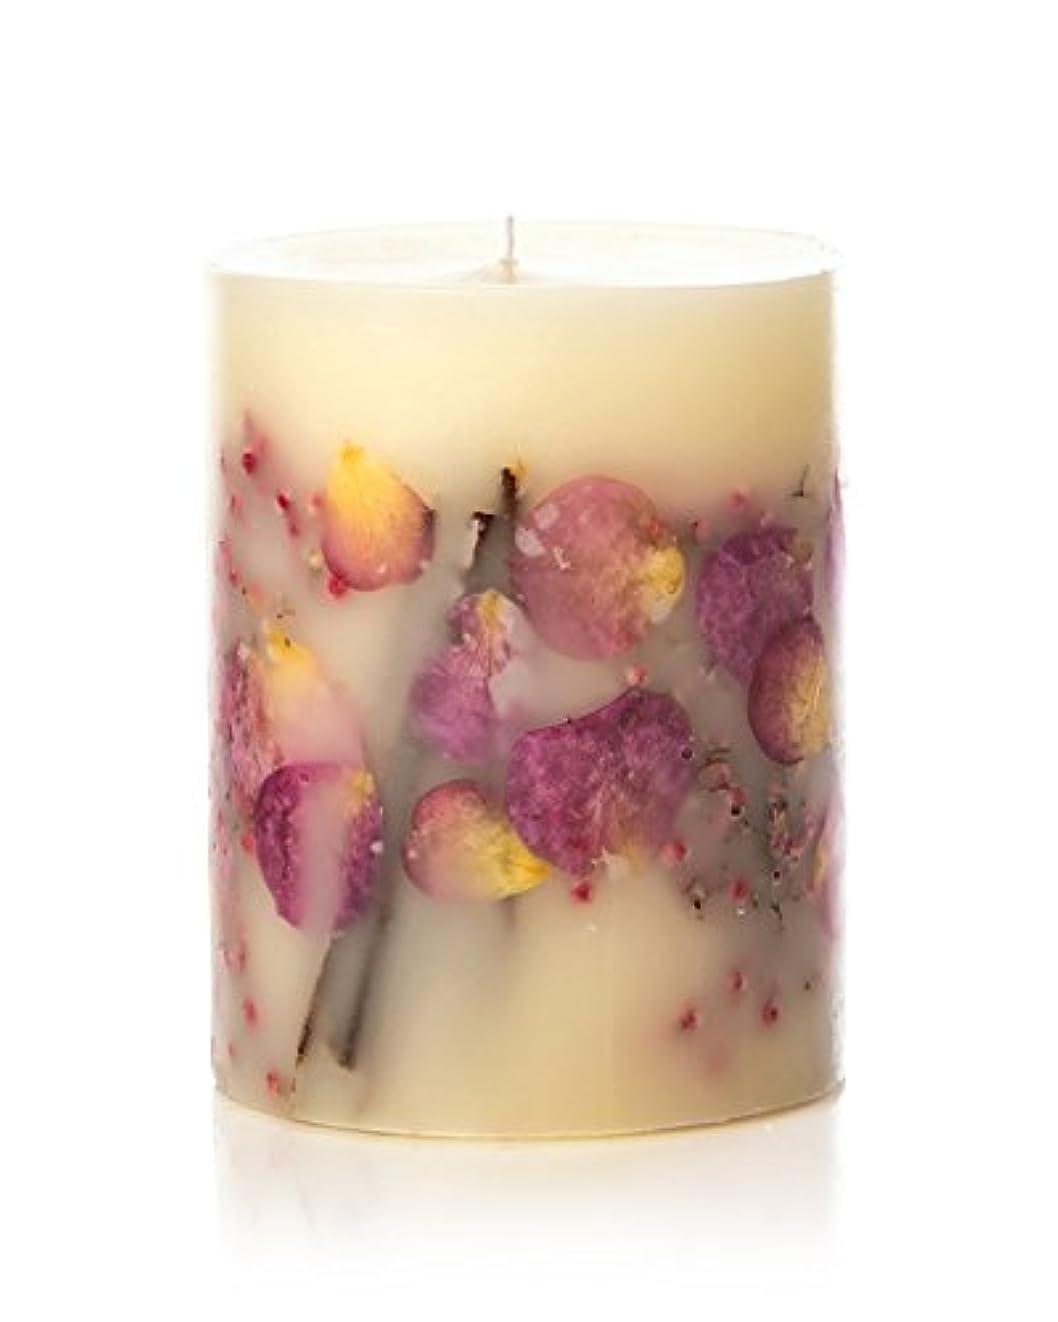 土器クーポン予測子ロージーリングス ボタニカルキャンドル ビッグラウンド アプリコット&ローズ ROSY RINGS Round Botanical Candle Big Round – Apricot Rose